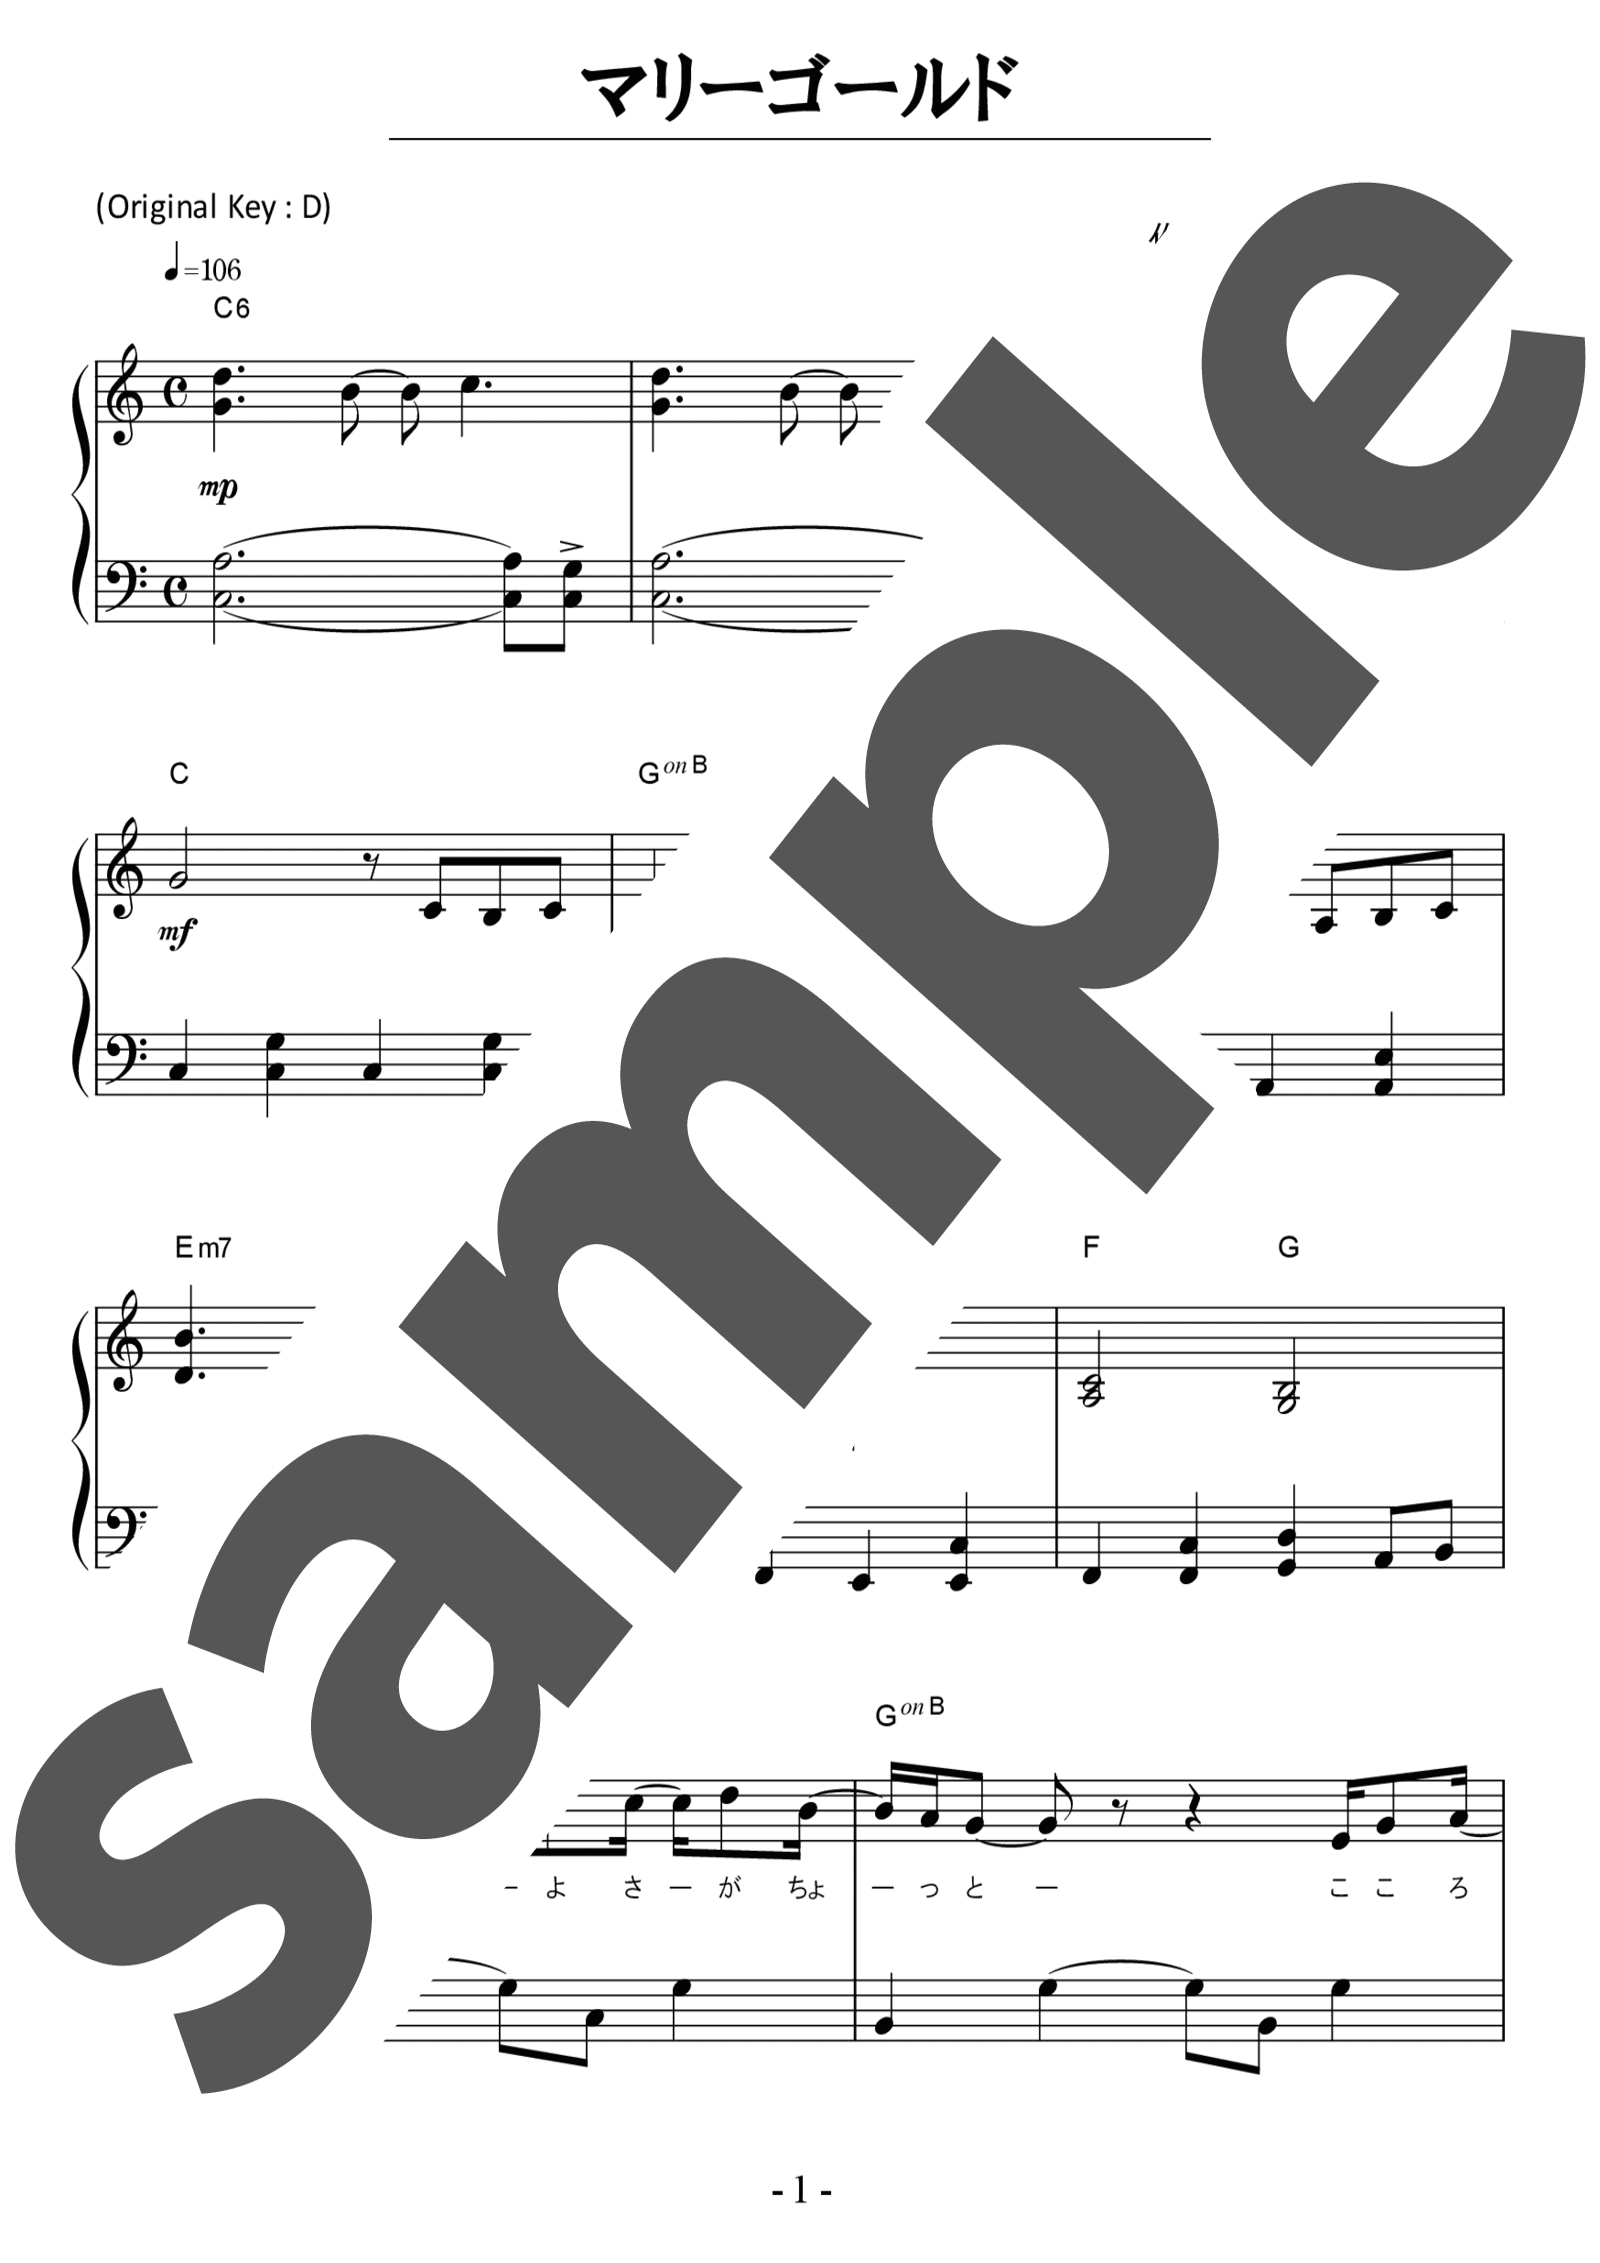 【ピアノ楽譜】マリーゴールド / あいみょん(ソロ / 初級)